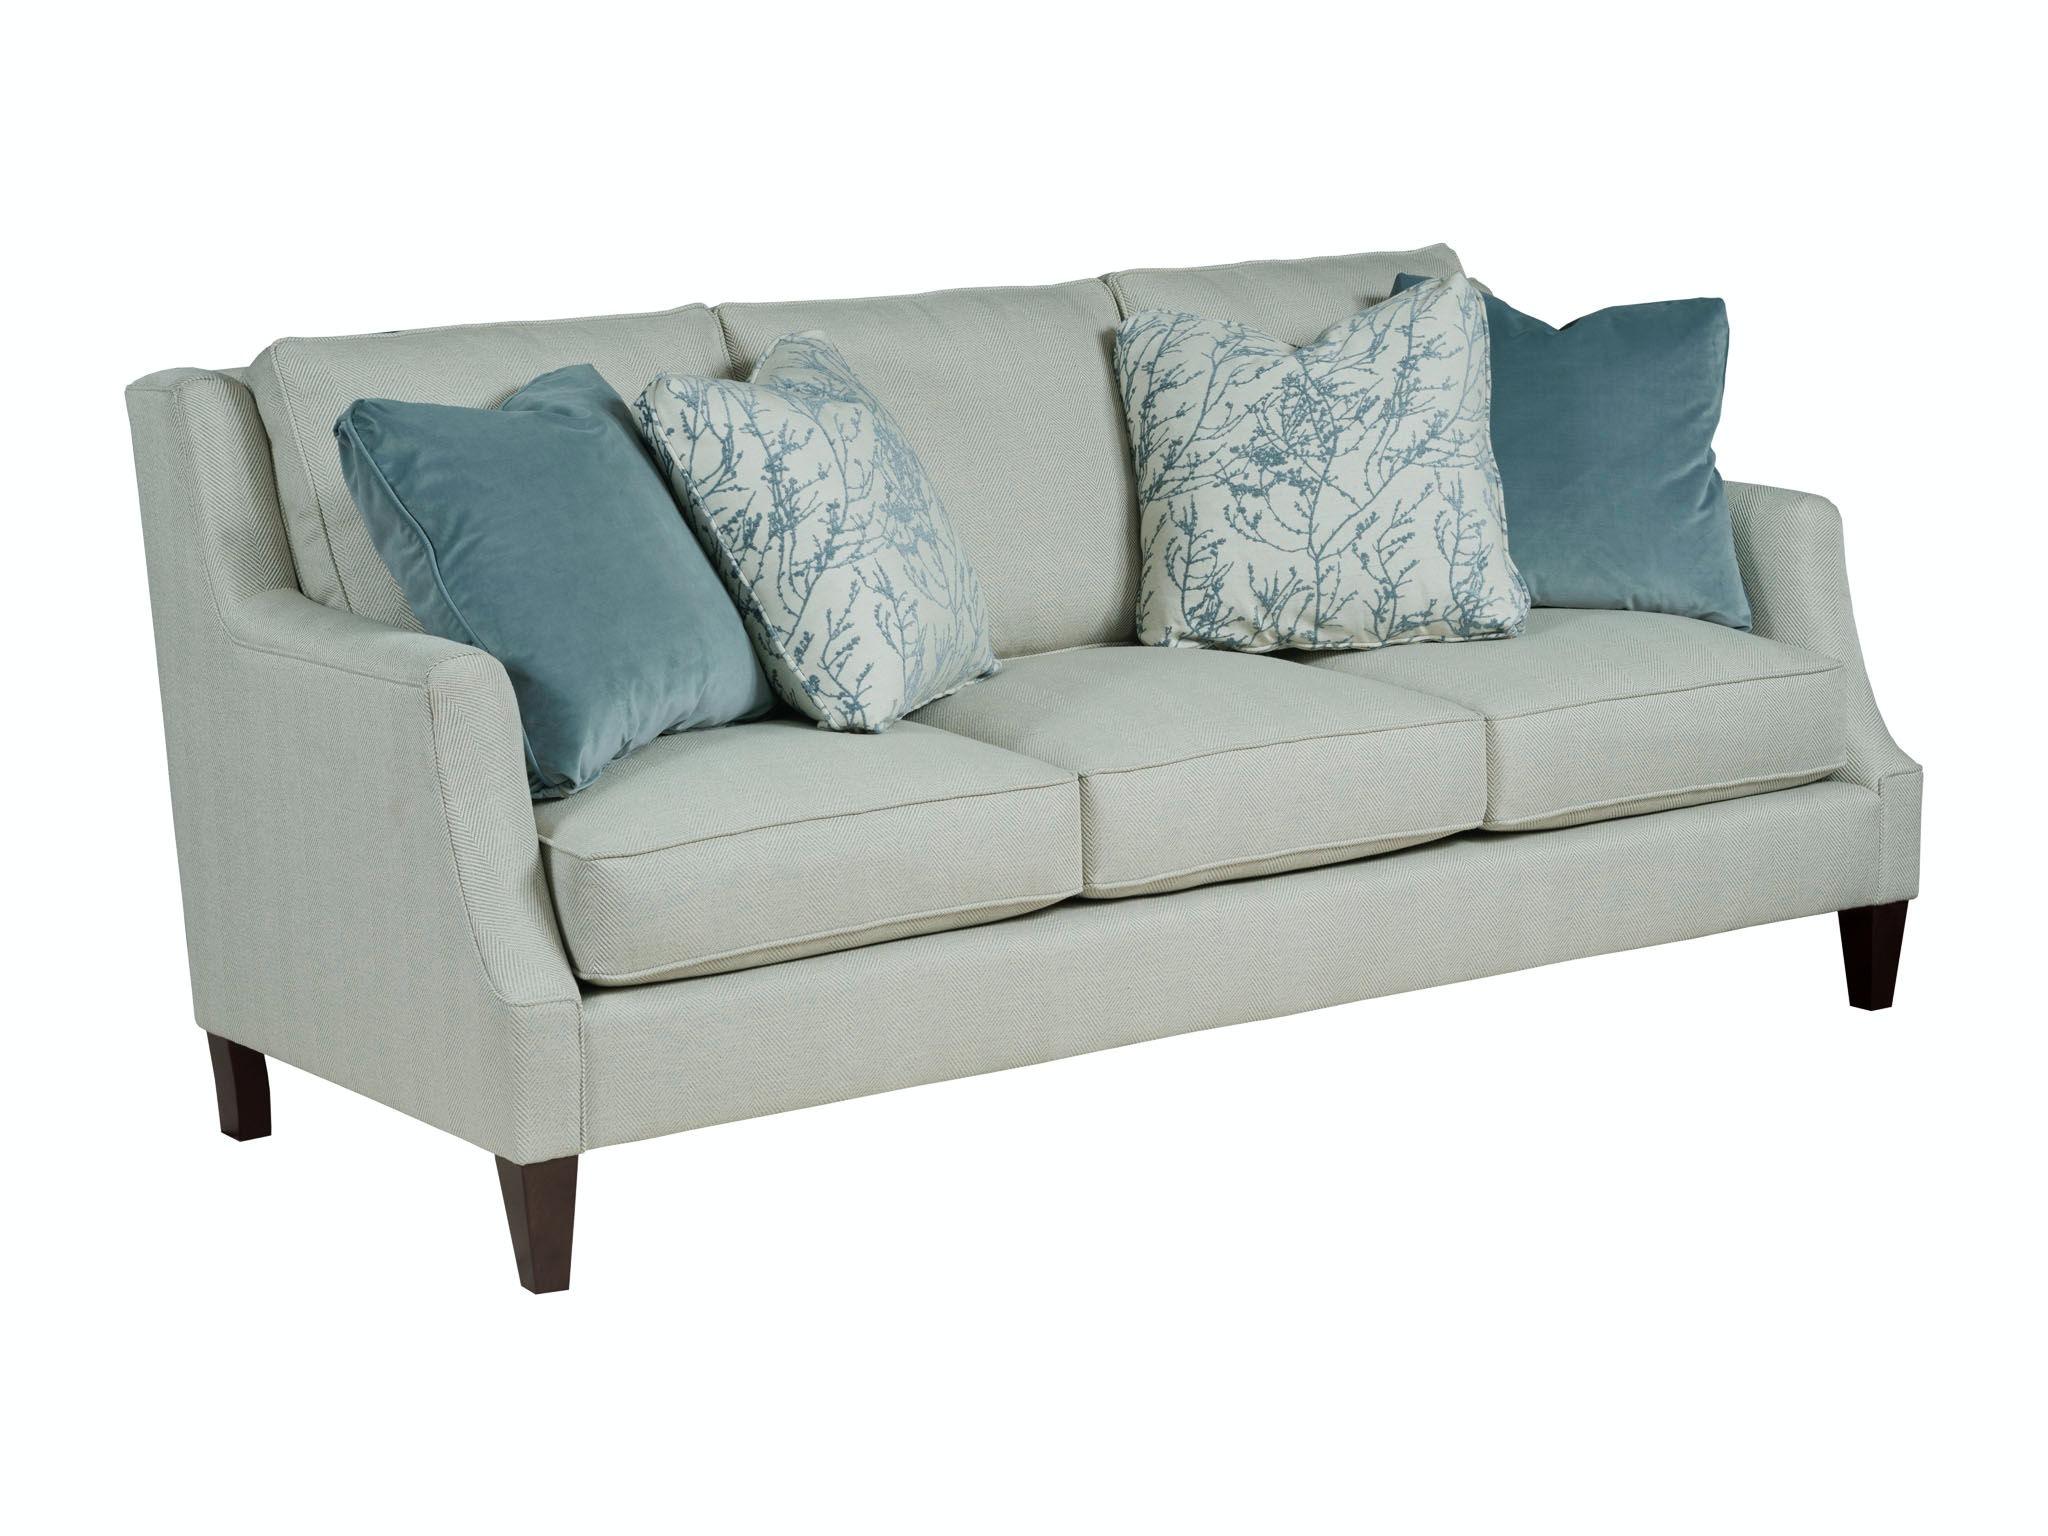 Kincaid Furniture Vivian Sofa 314 86